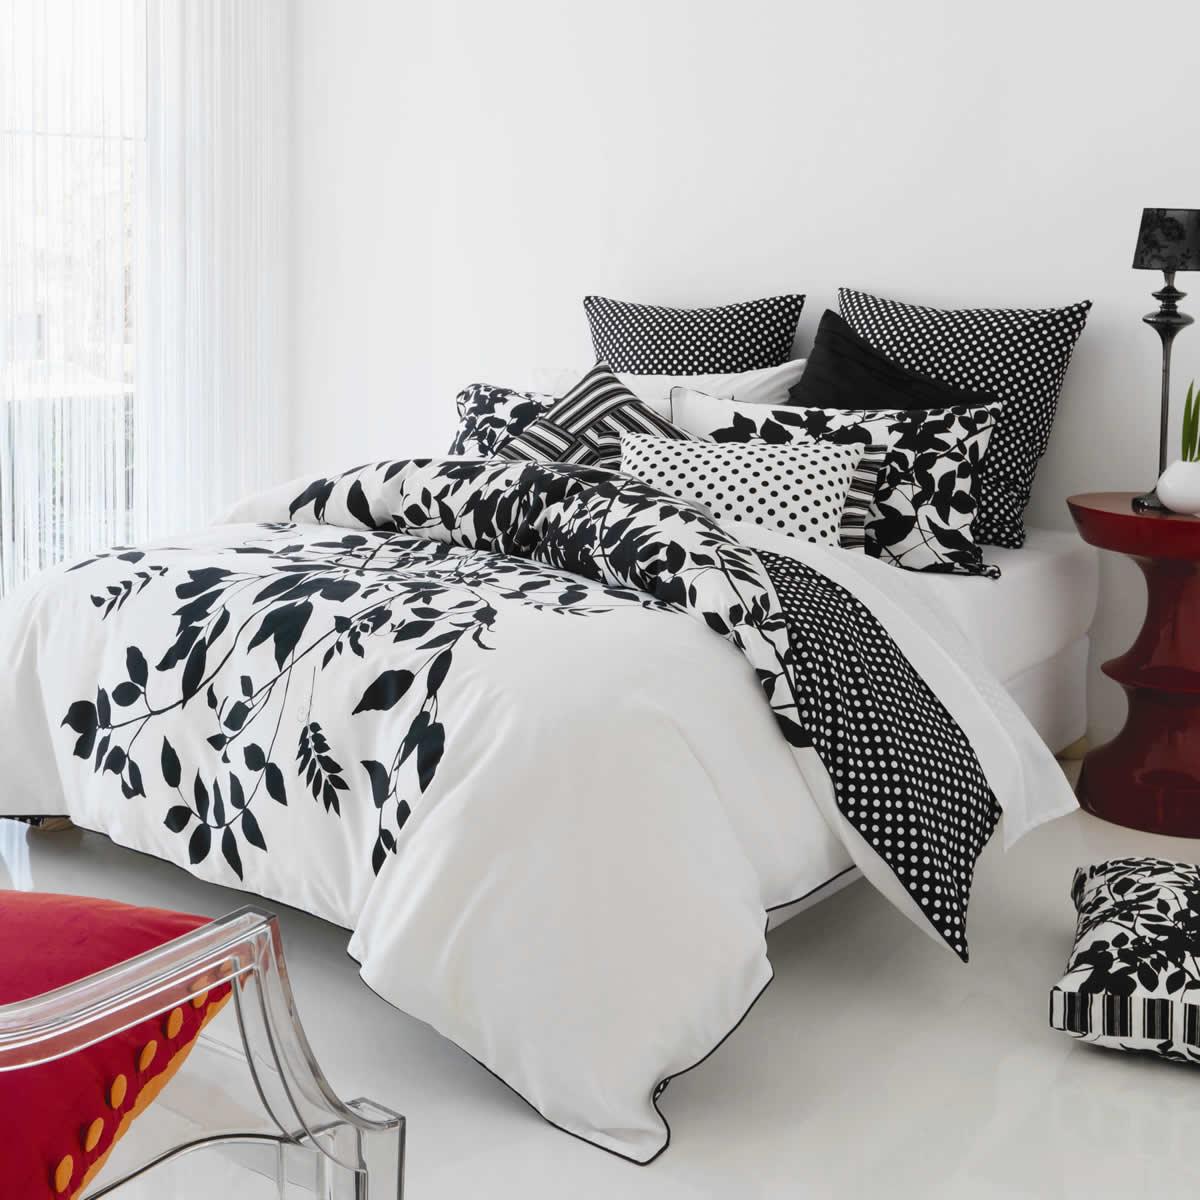 Как выбрать постельное белье хорошего качества?